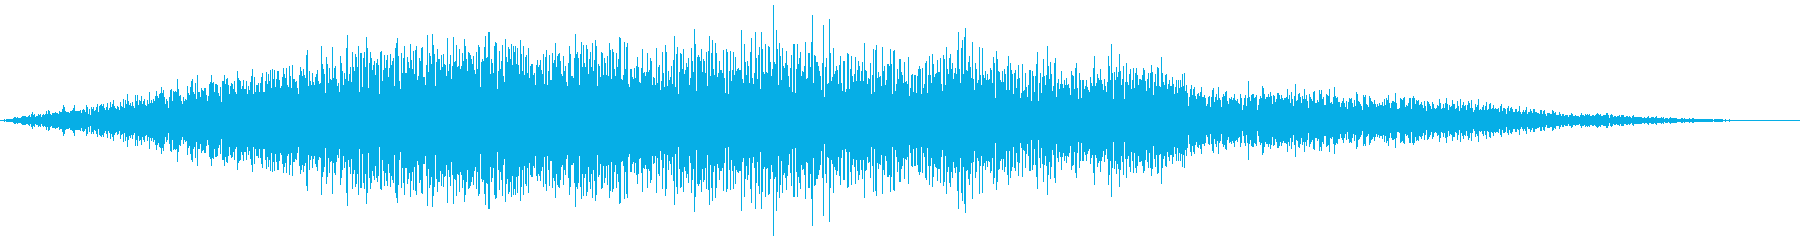 滑走路を通り過ぎる複葉機の再生済みの波形